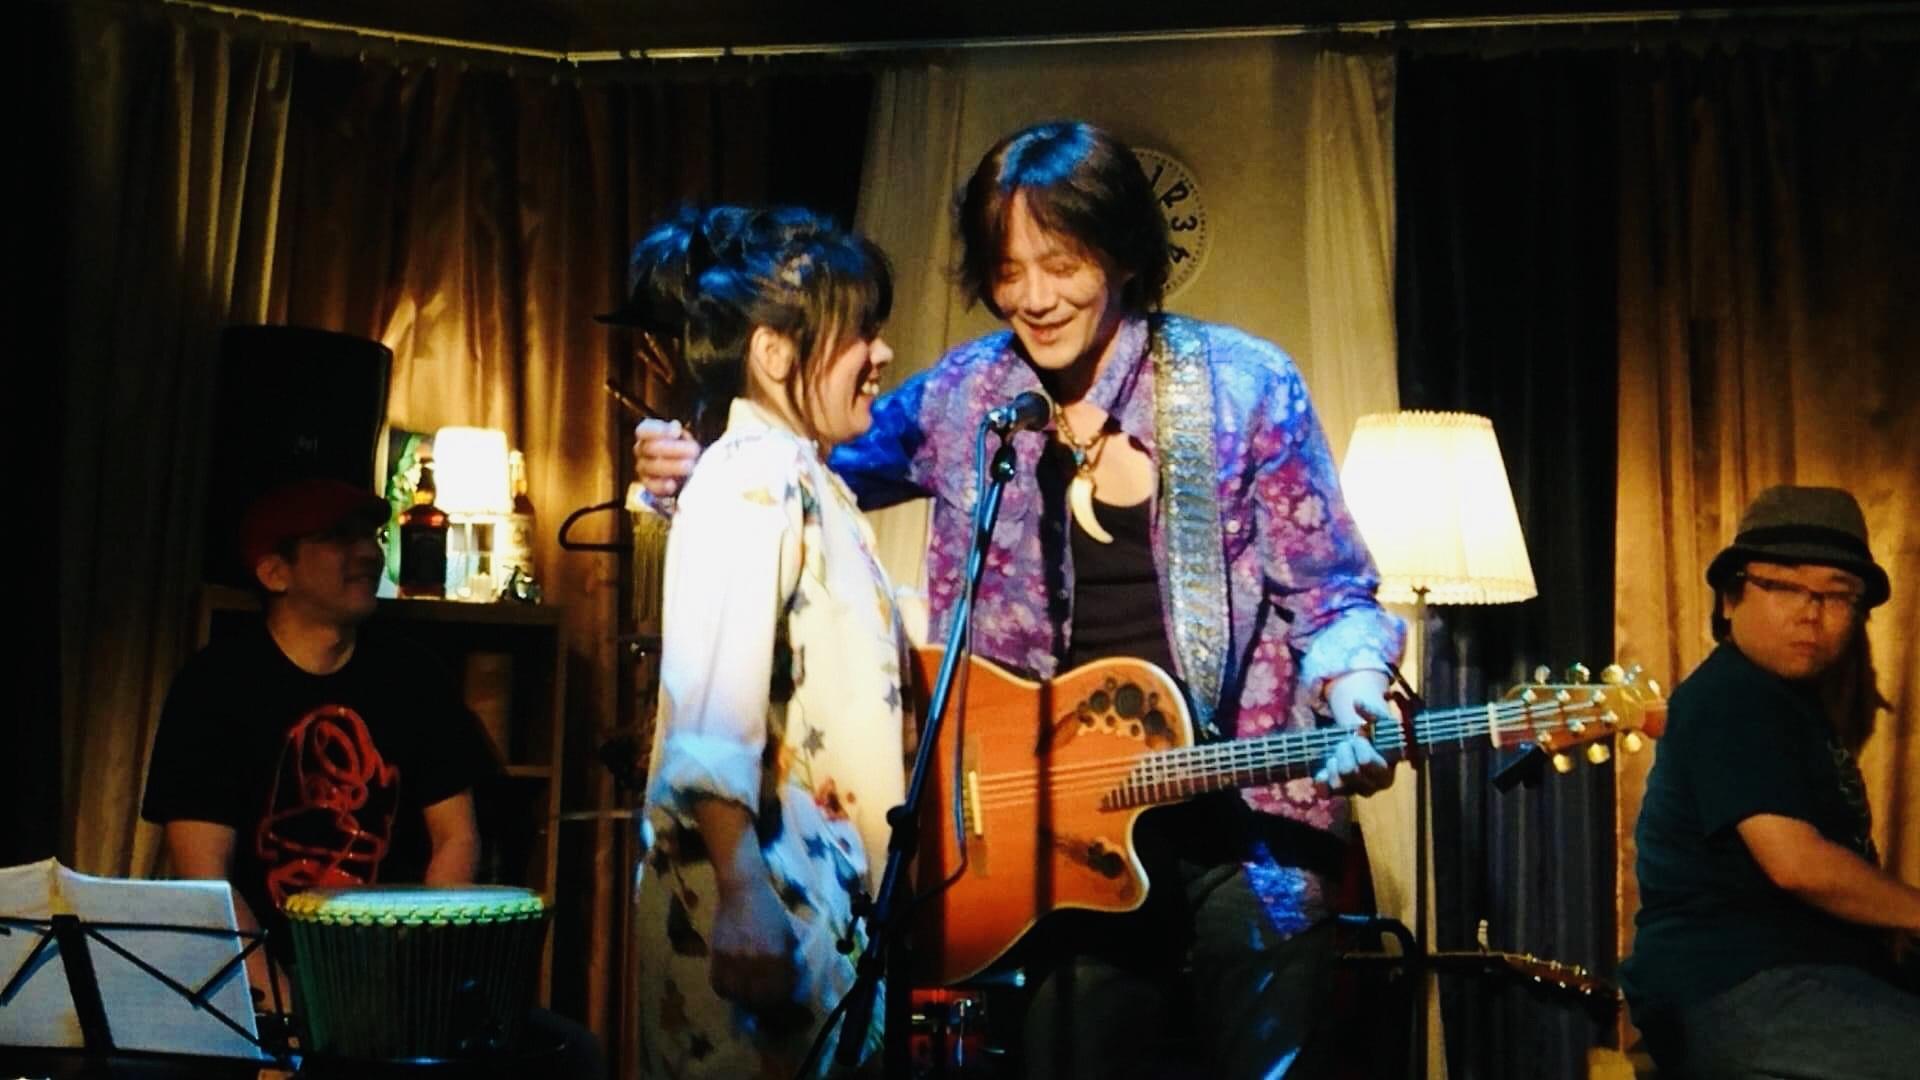 【続・LV39ツアー】西成で歌った夜。_f0115311_07433851.jpeg